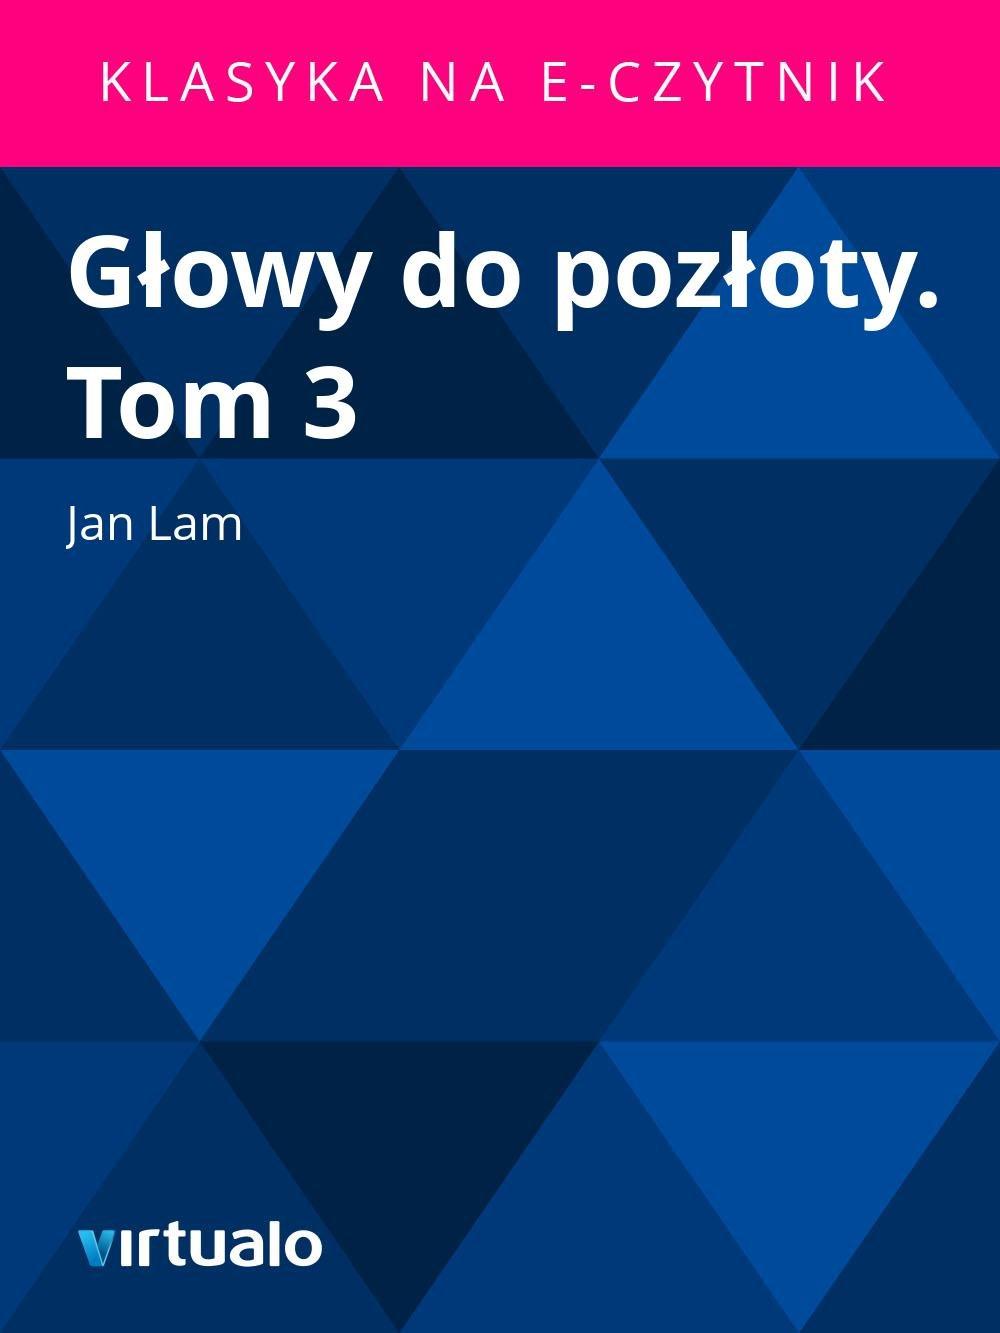 Głowy do pozłoty. Tom 3 - Ebook (Książka EPUB) do pobrania w formacie EPUB